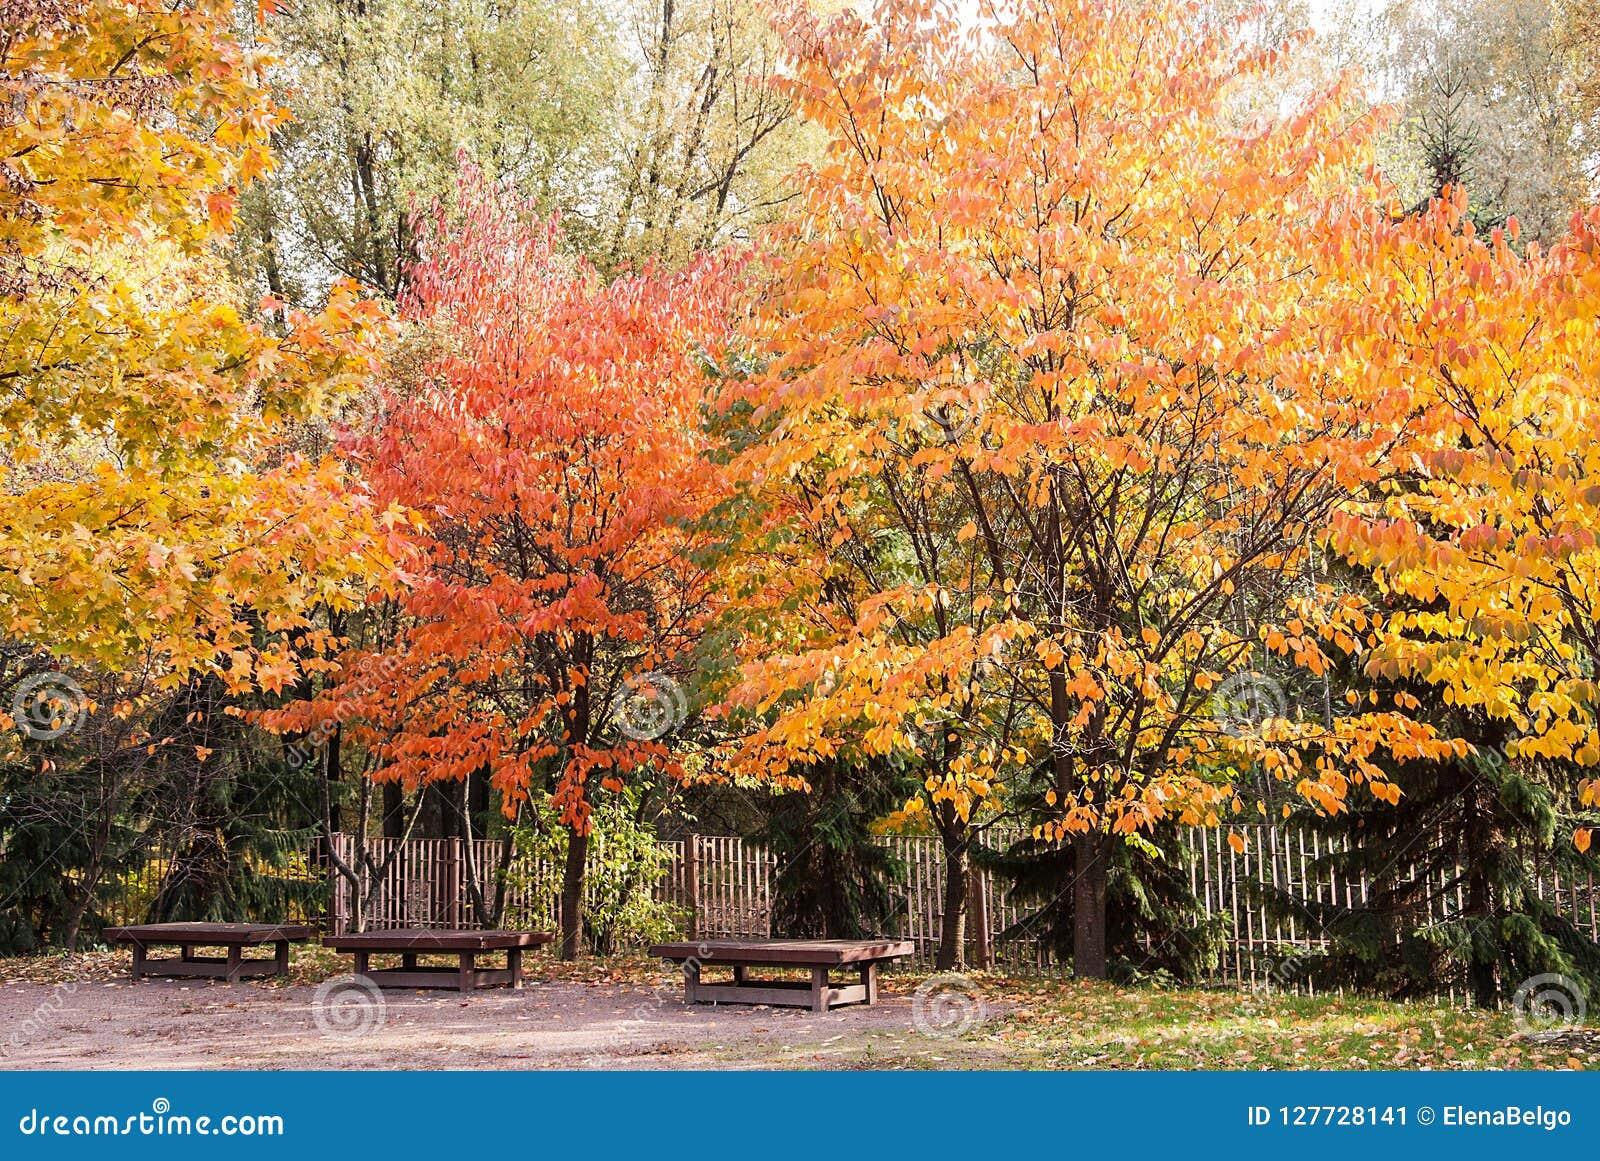 Bänke unter den Herbstbäumen in einem Park